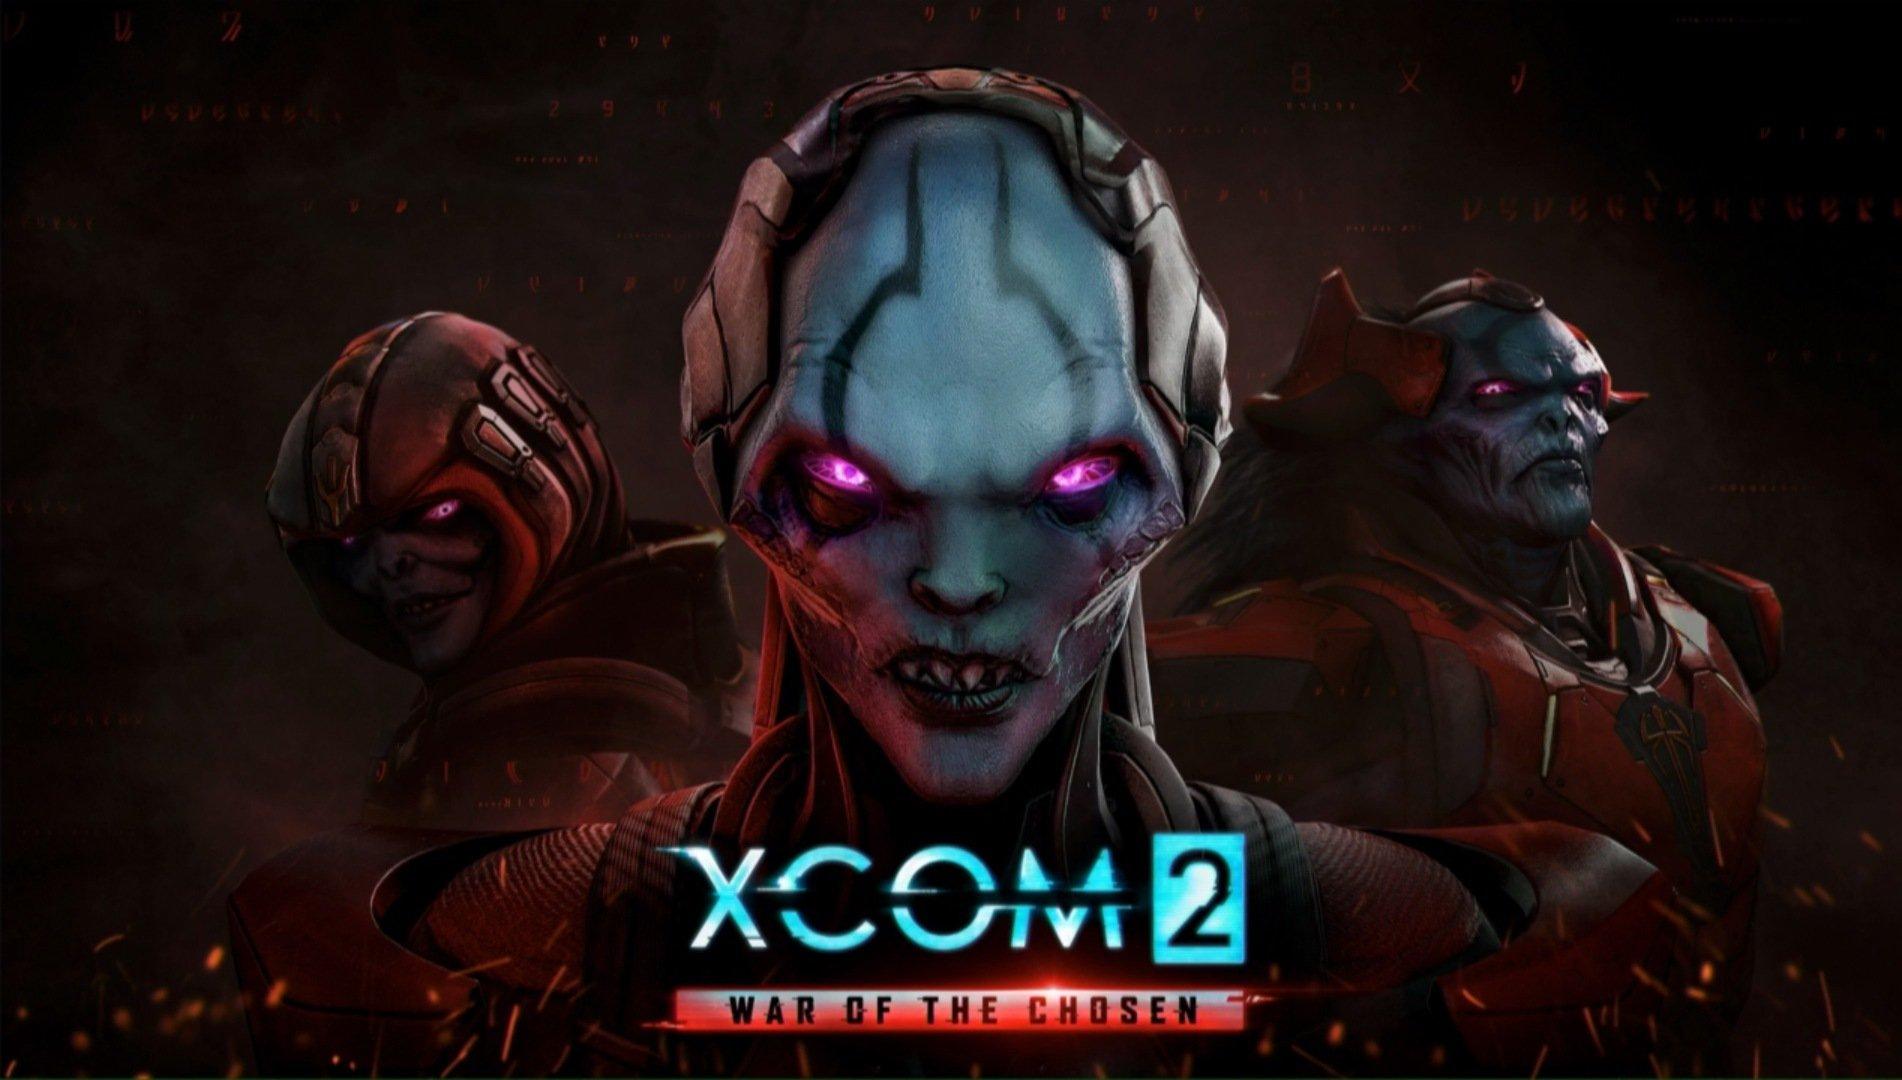 xcom 2 war of the chosen рецензия отвратительные мужики disgusting men